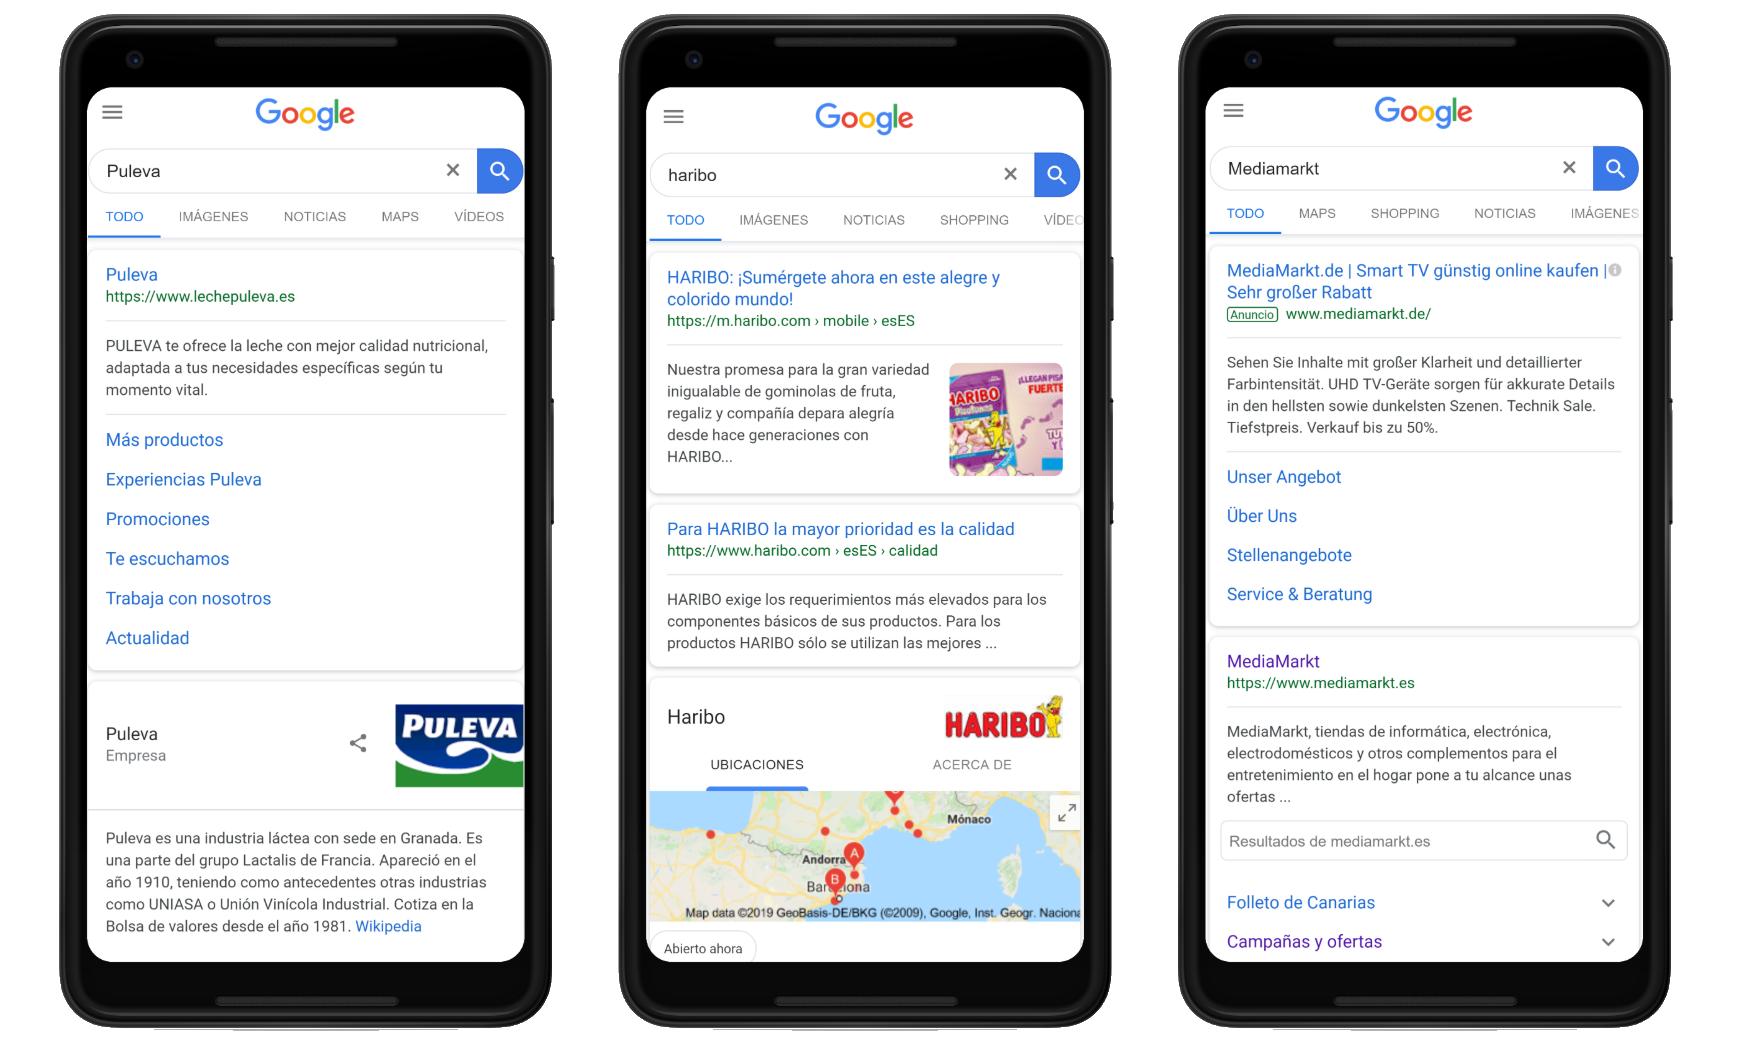 """Ejemplos de búsquedas """"website"""" como intención de búsqueda del  usuario en Google"""